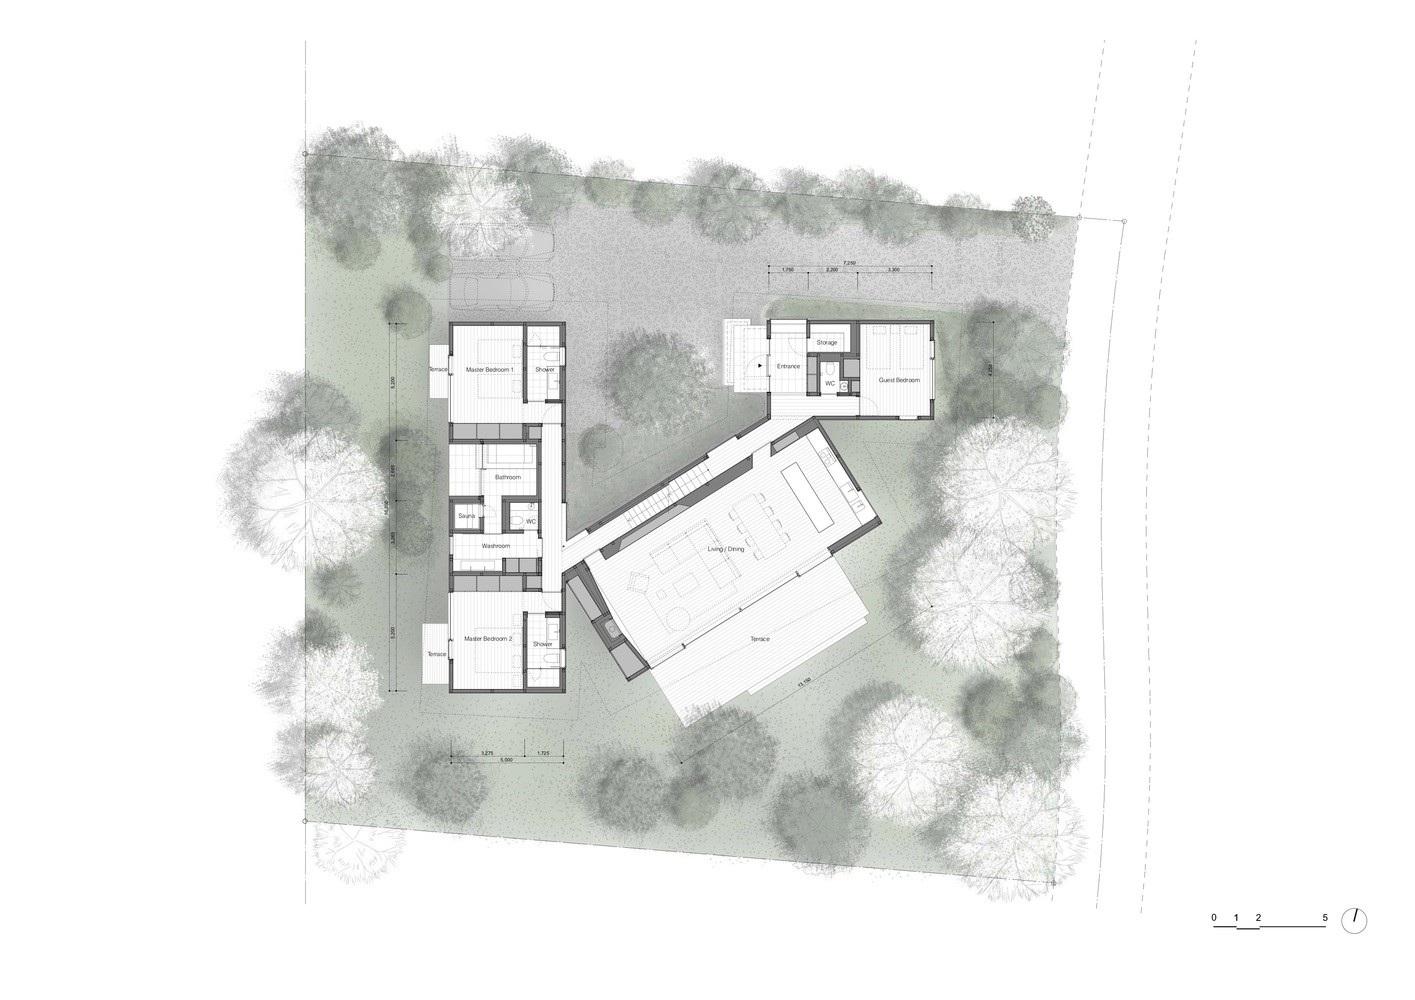 """Biệt thự hình """"4 chiếc lá rơi"""" đẹp như mơ của kiến trúc sư Nhật Bản - Ảnh 13."""